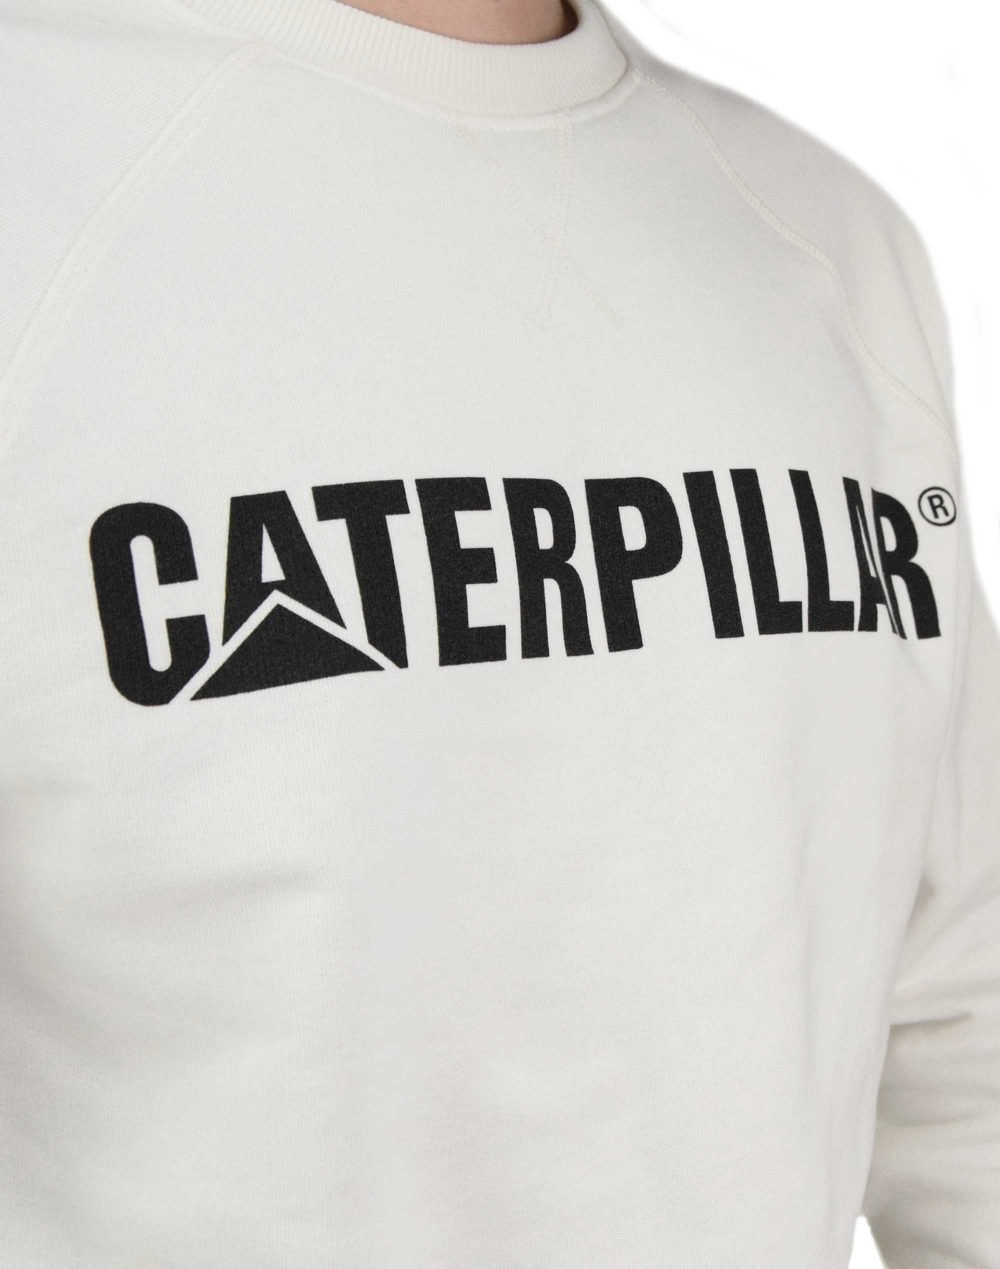 Caterpillar Classic Crew Neck (2910266 123) Cream White